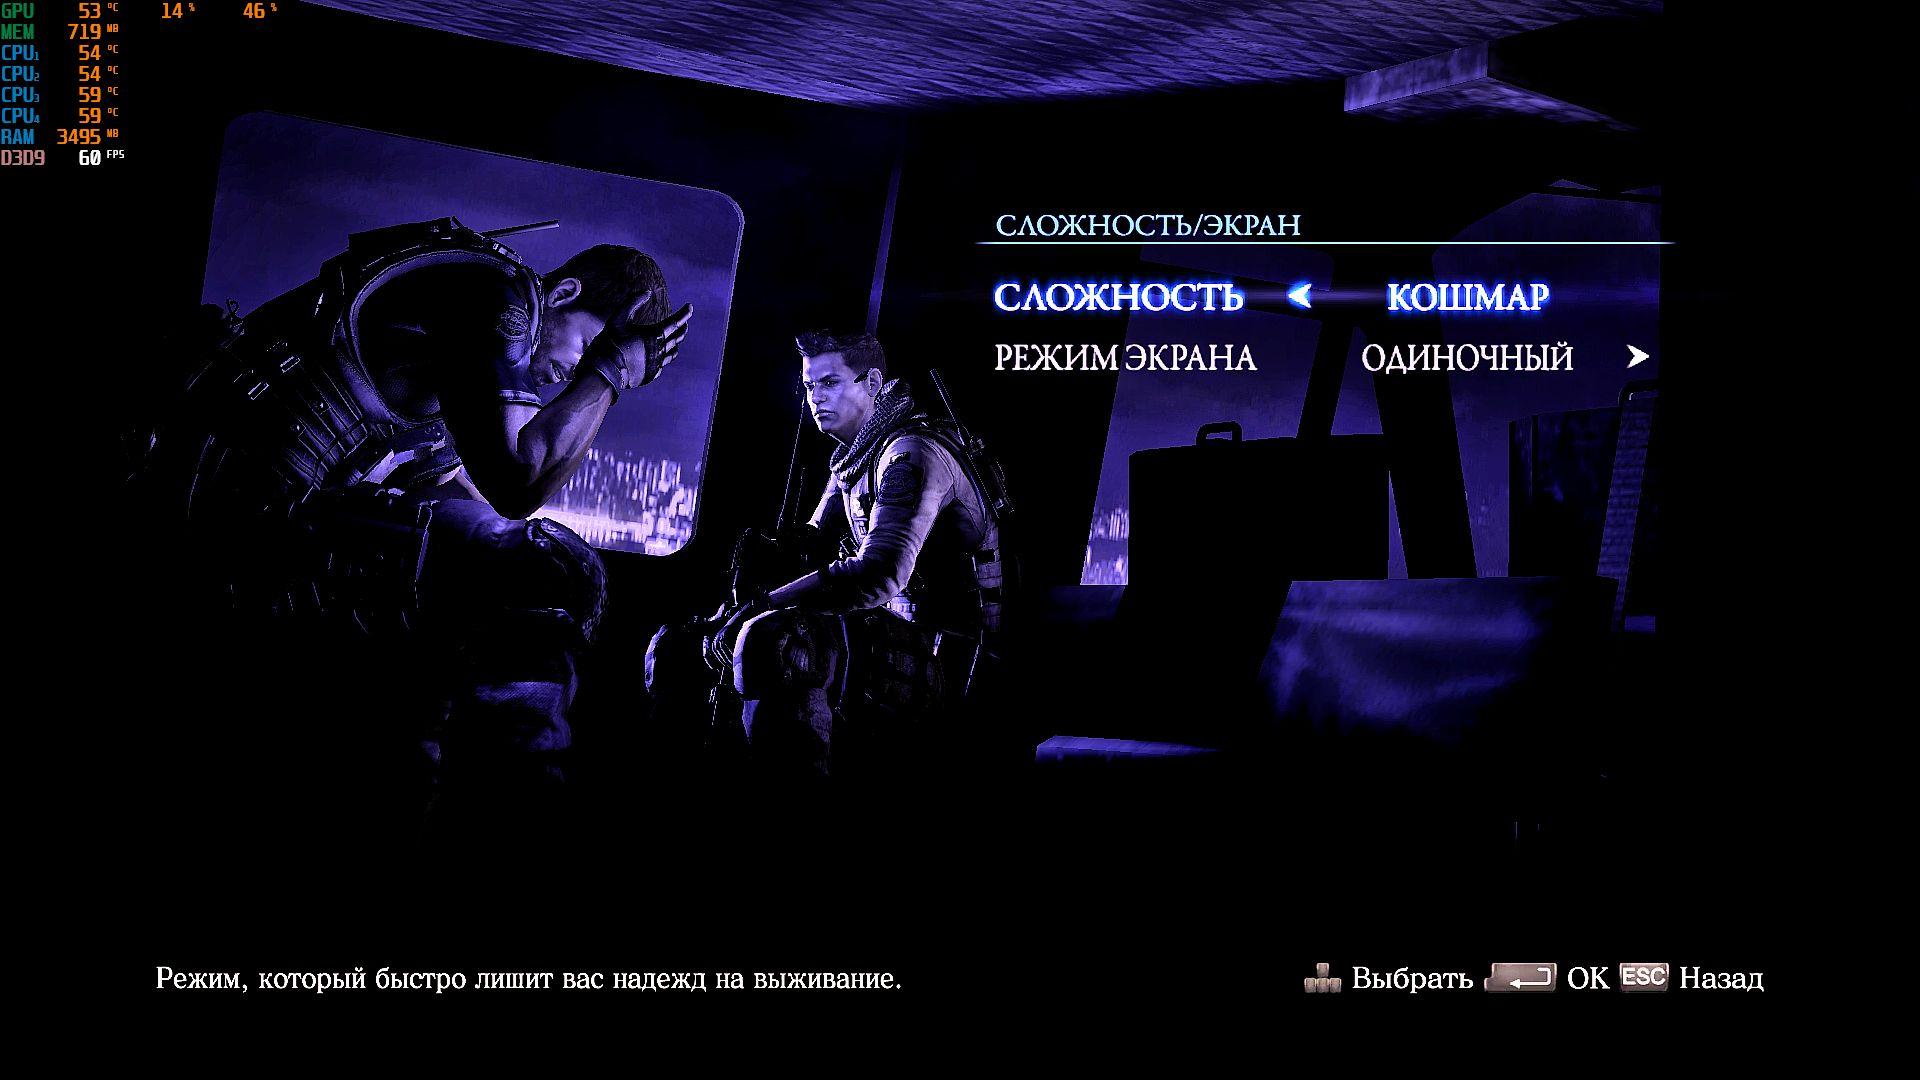 000227.Jpg - Resident Evil 6